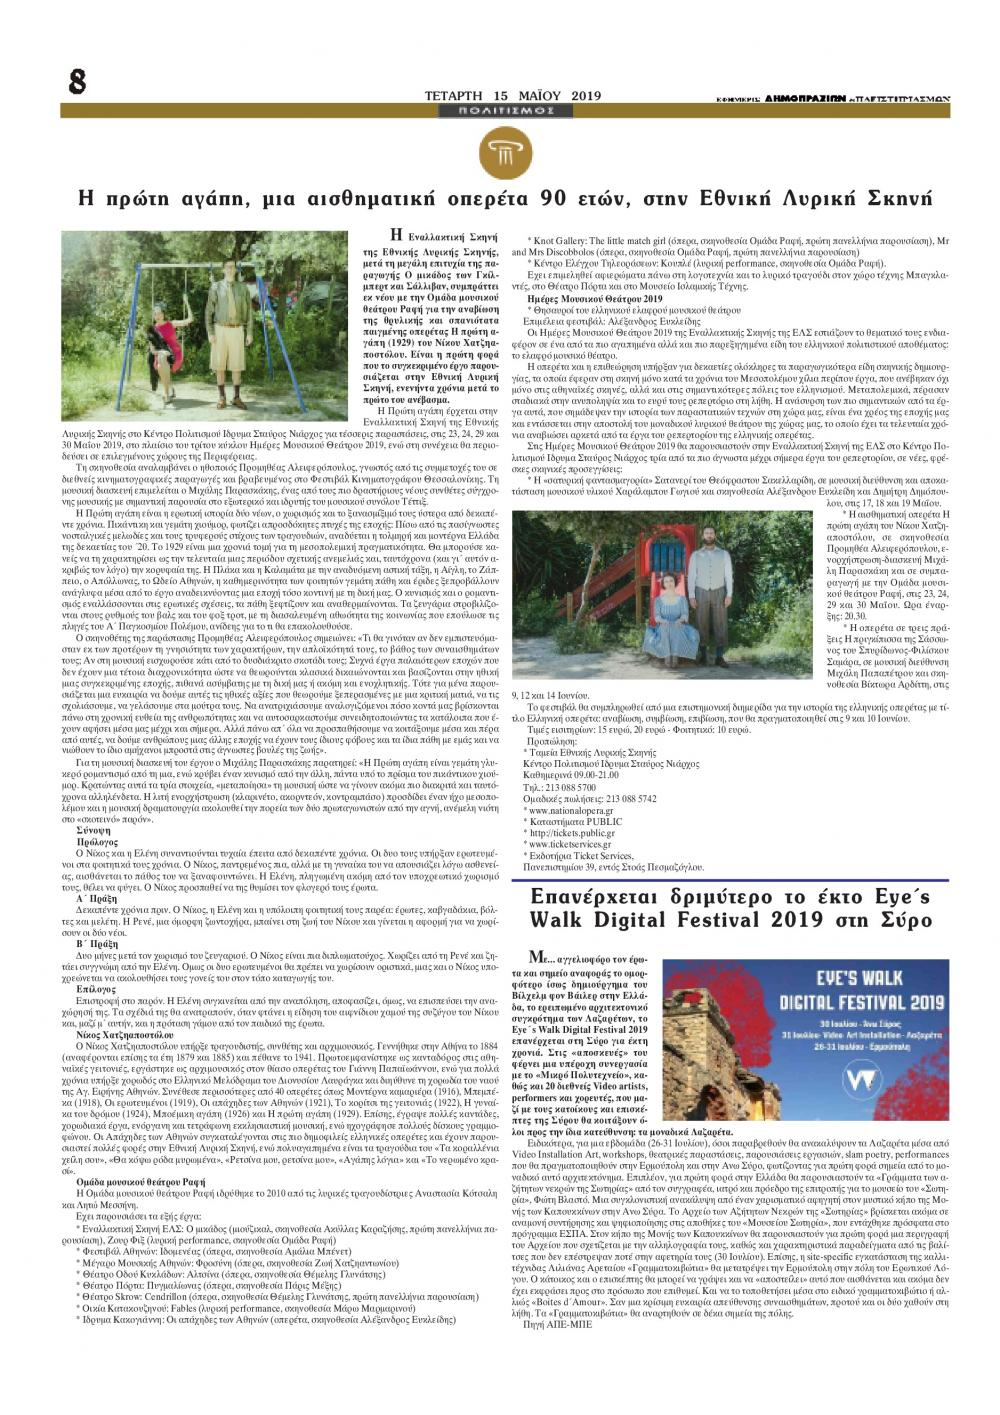 Οπισθόφυλλο εφημερίδας Δημοπρασιών